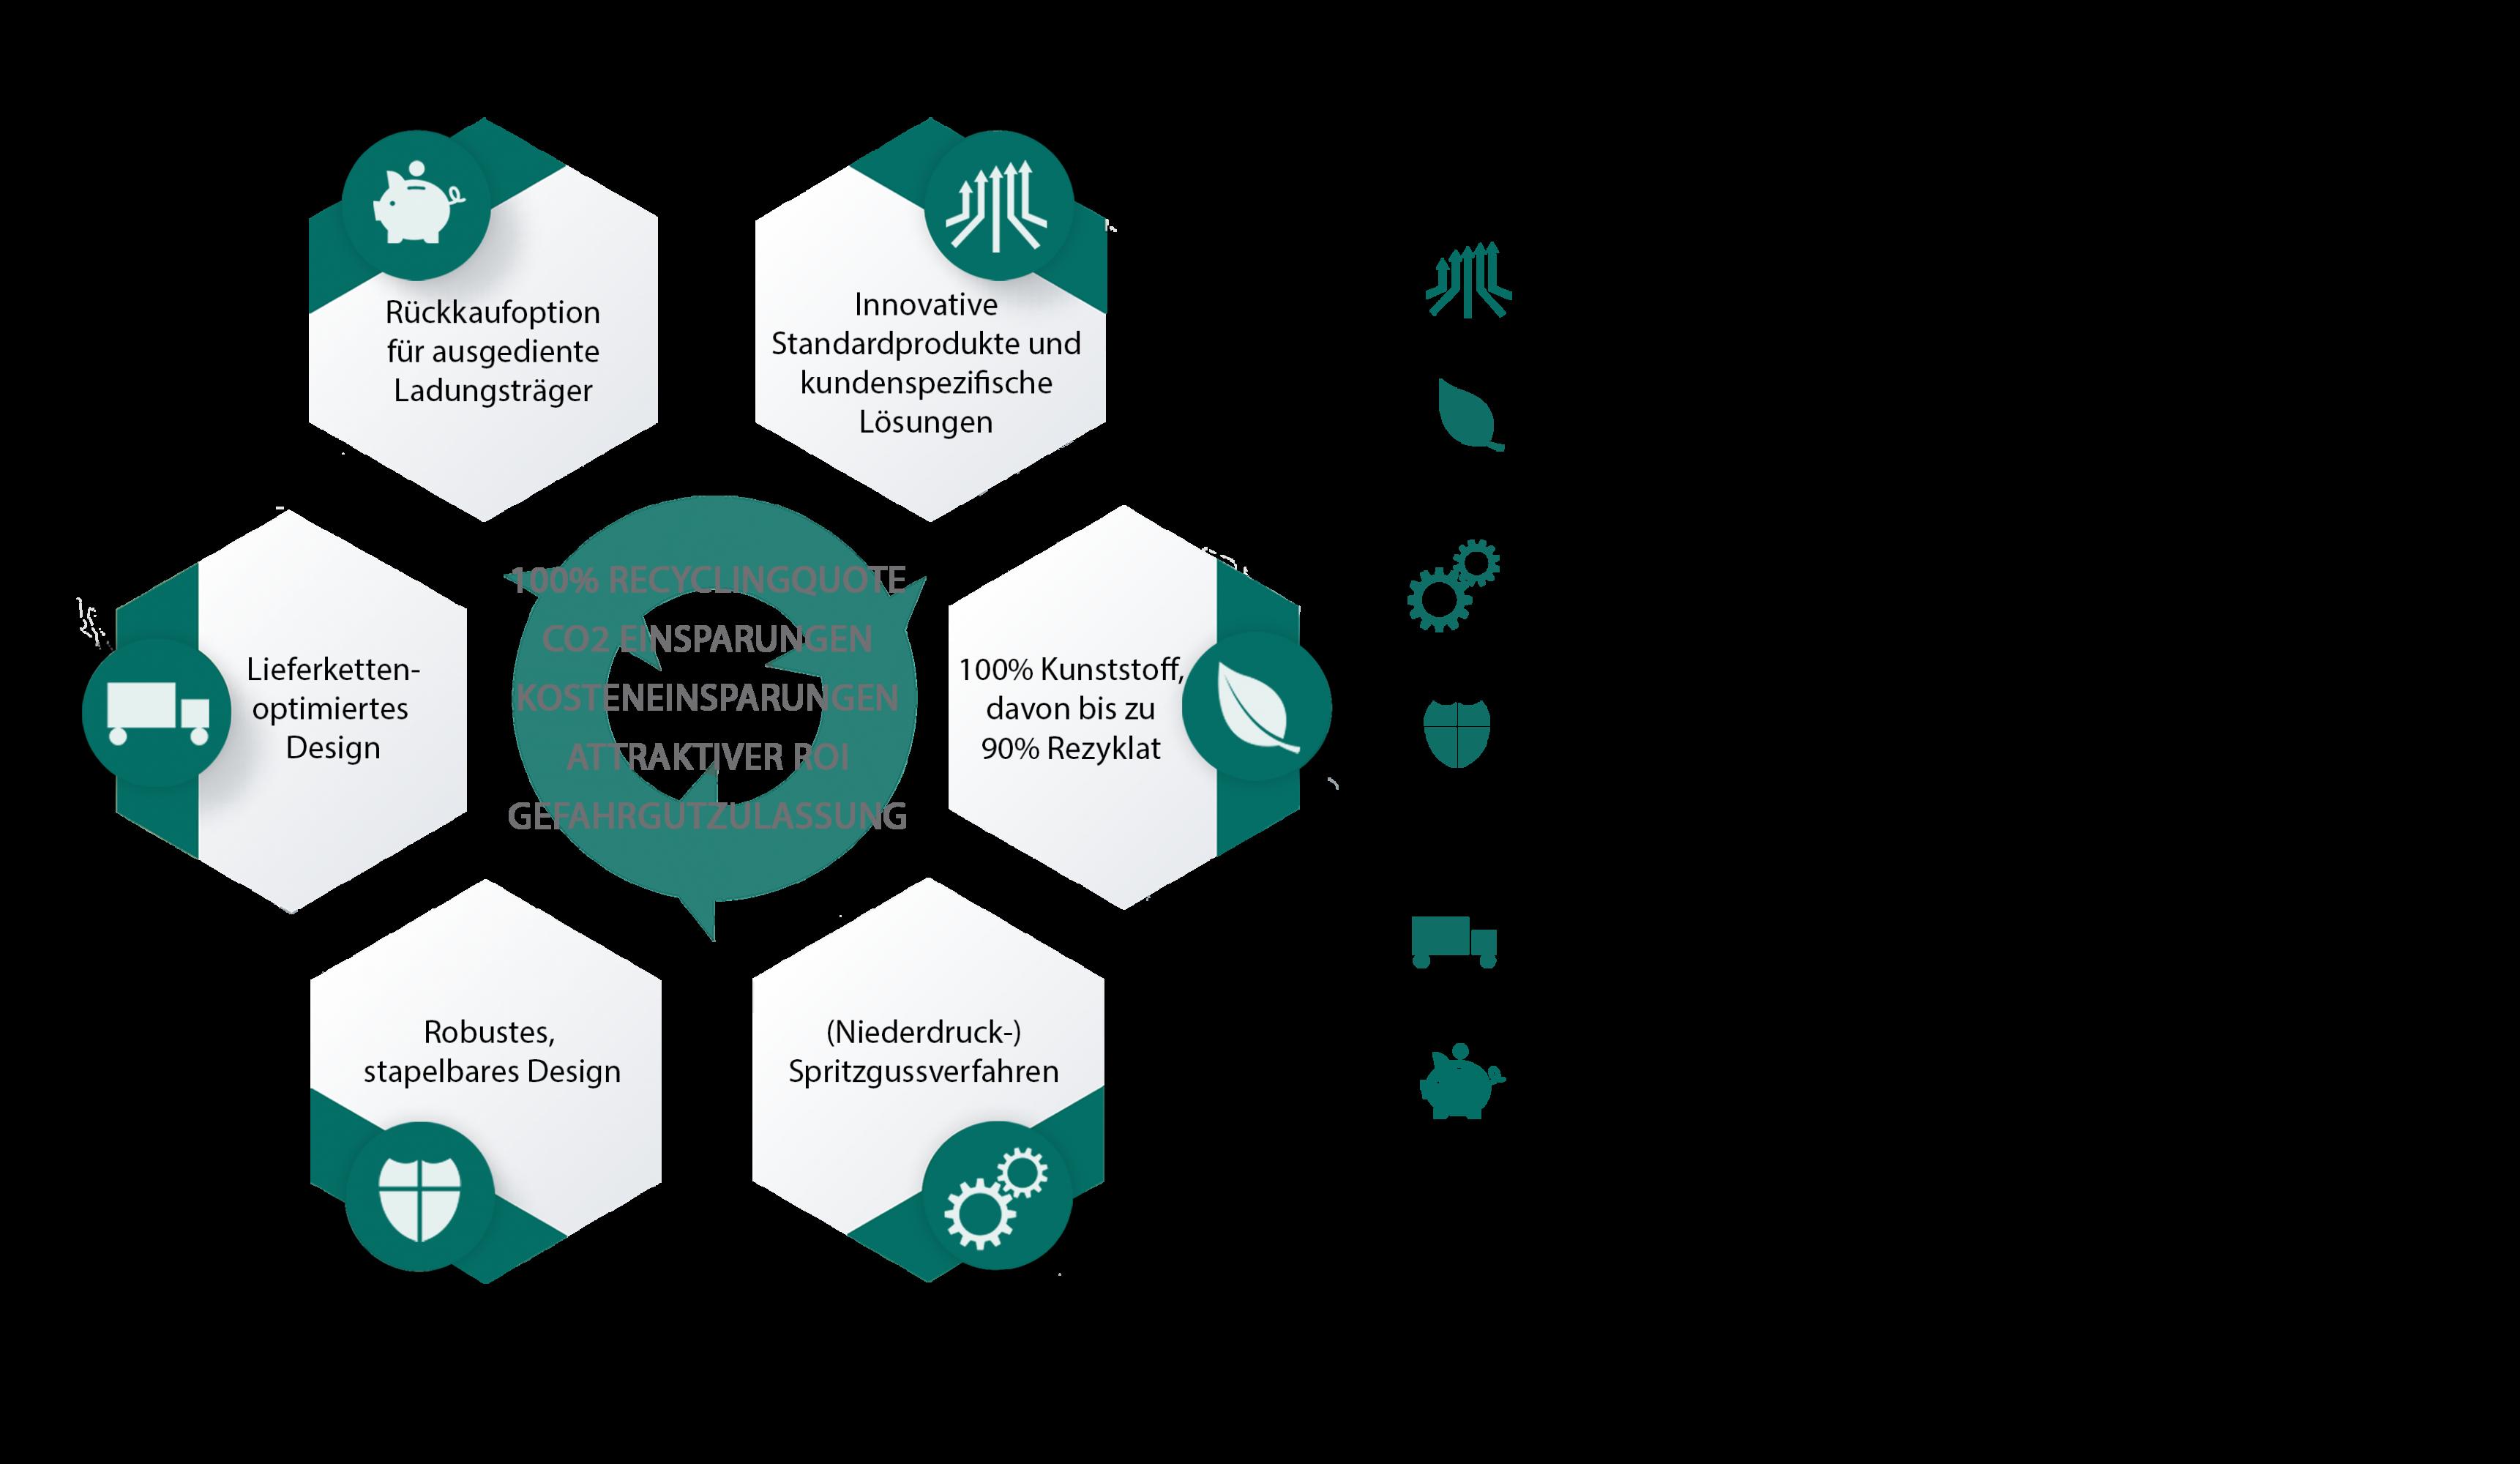 Lebenszyklus von ORBIS Kunststoffverpackungen